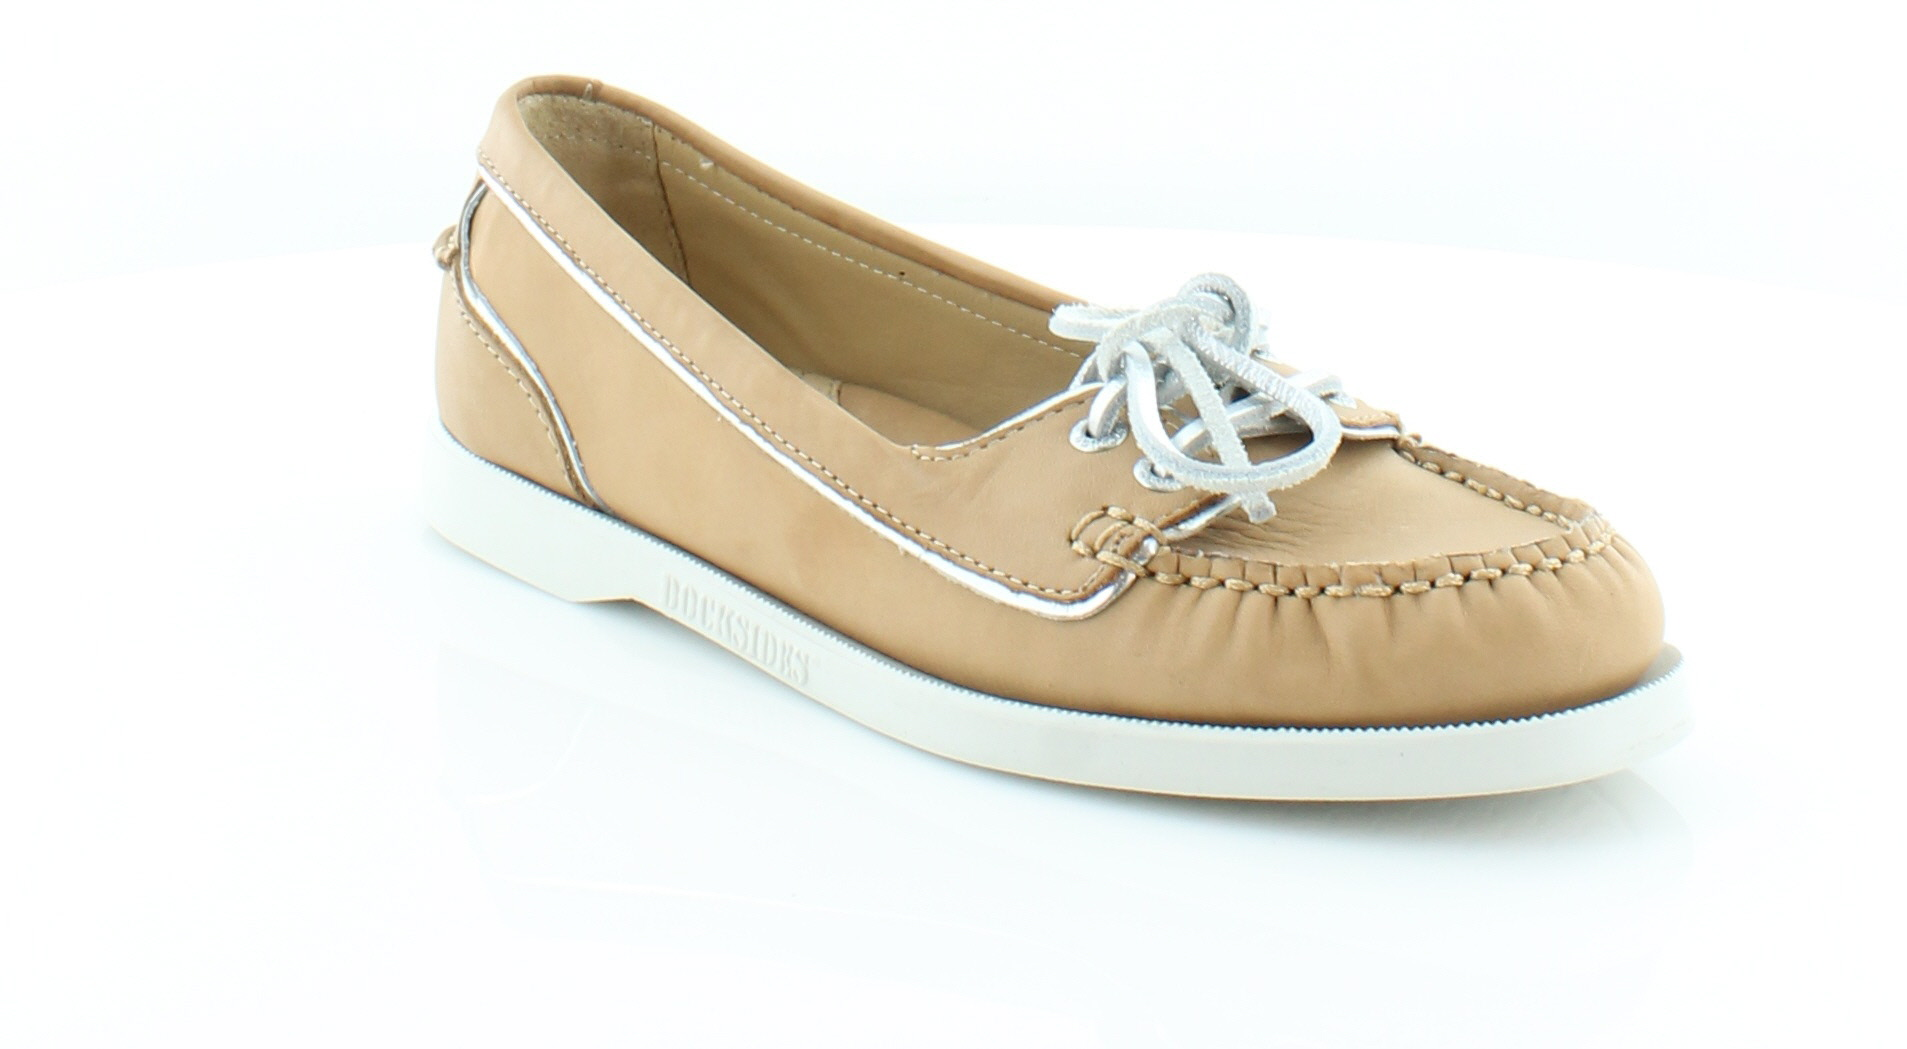 Sebago Docksides Women's Flats & Oxfords Tan Size 6.5 M